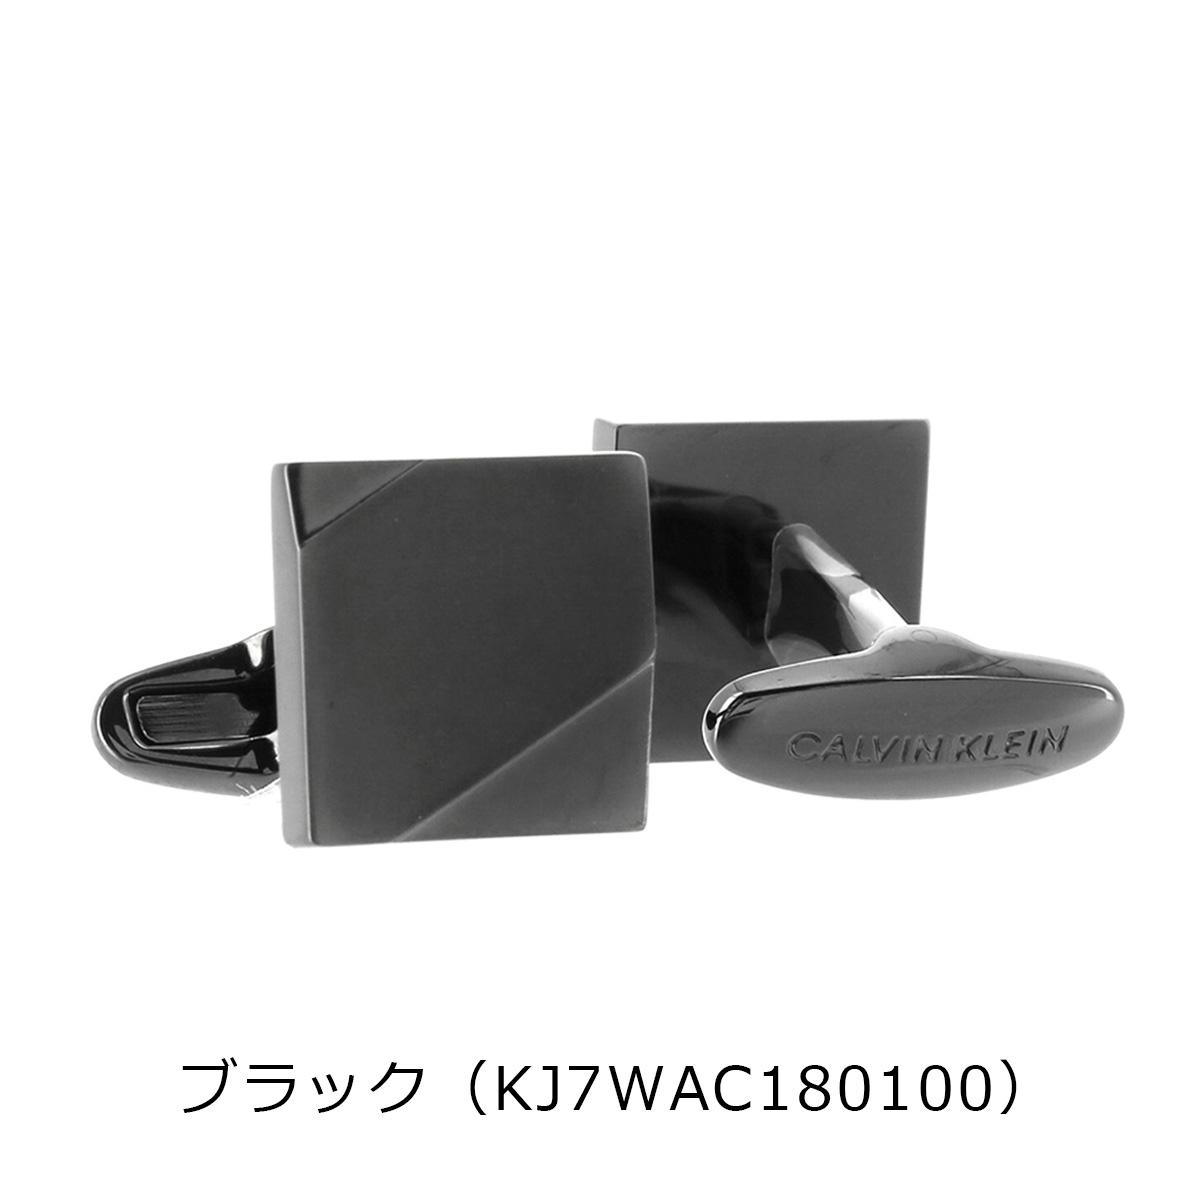 ブラック(KJ7WAC180100)